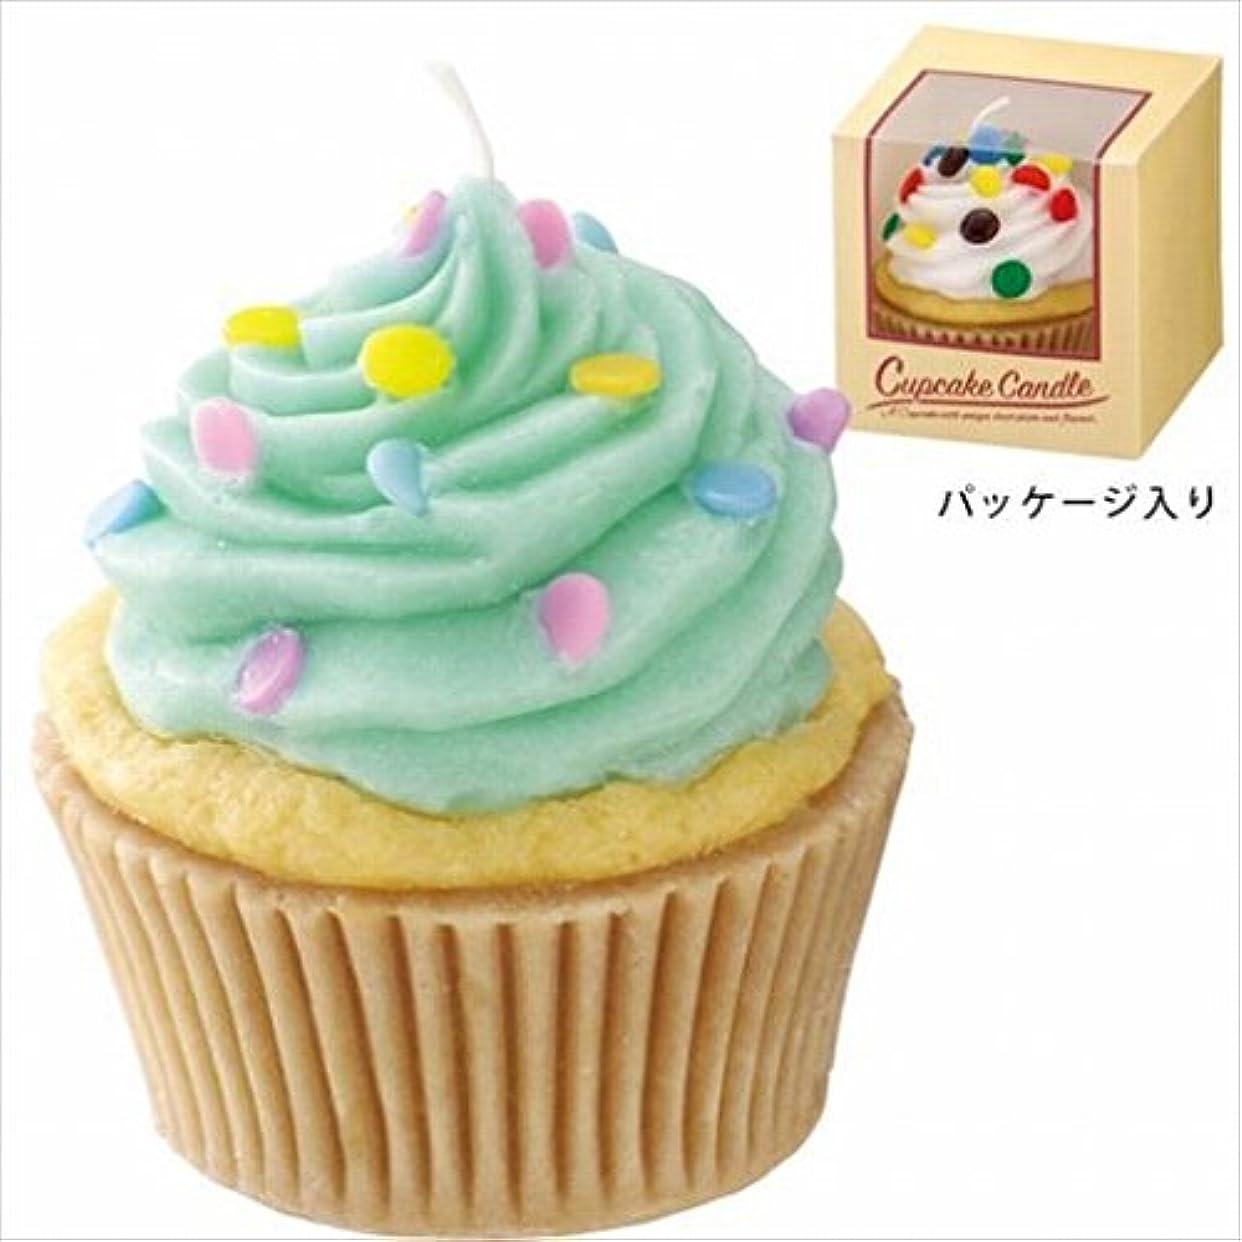 雑種敵意月カメヤマキャンドル(kameyama candle) アメリカンカップケーキキャンドル 「 ミントクリーム 」